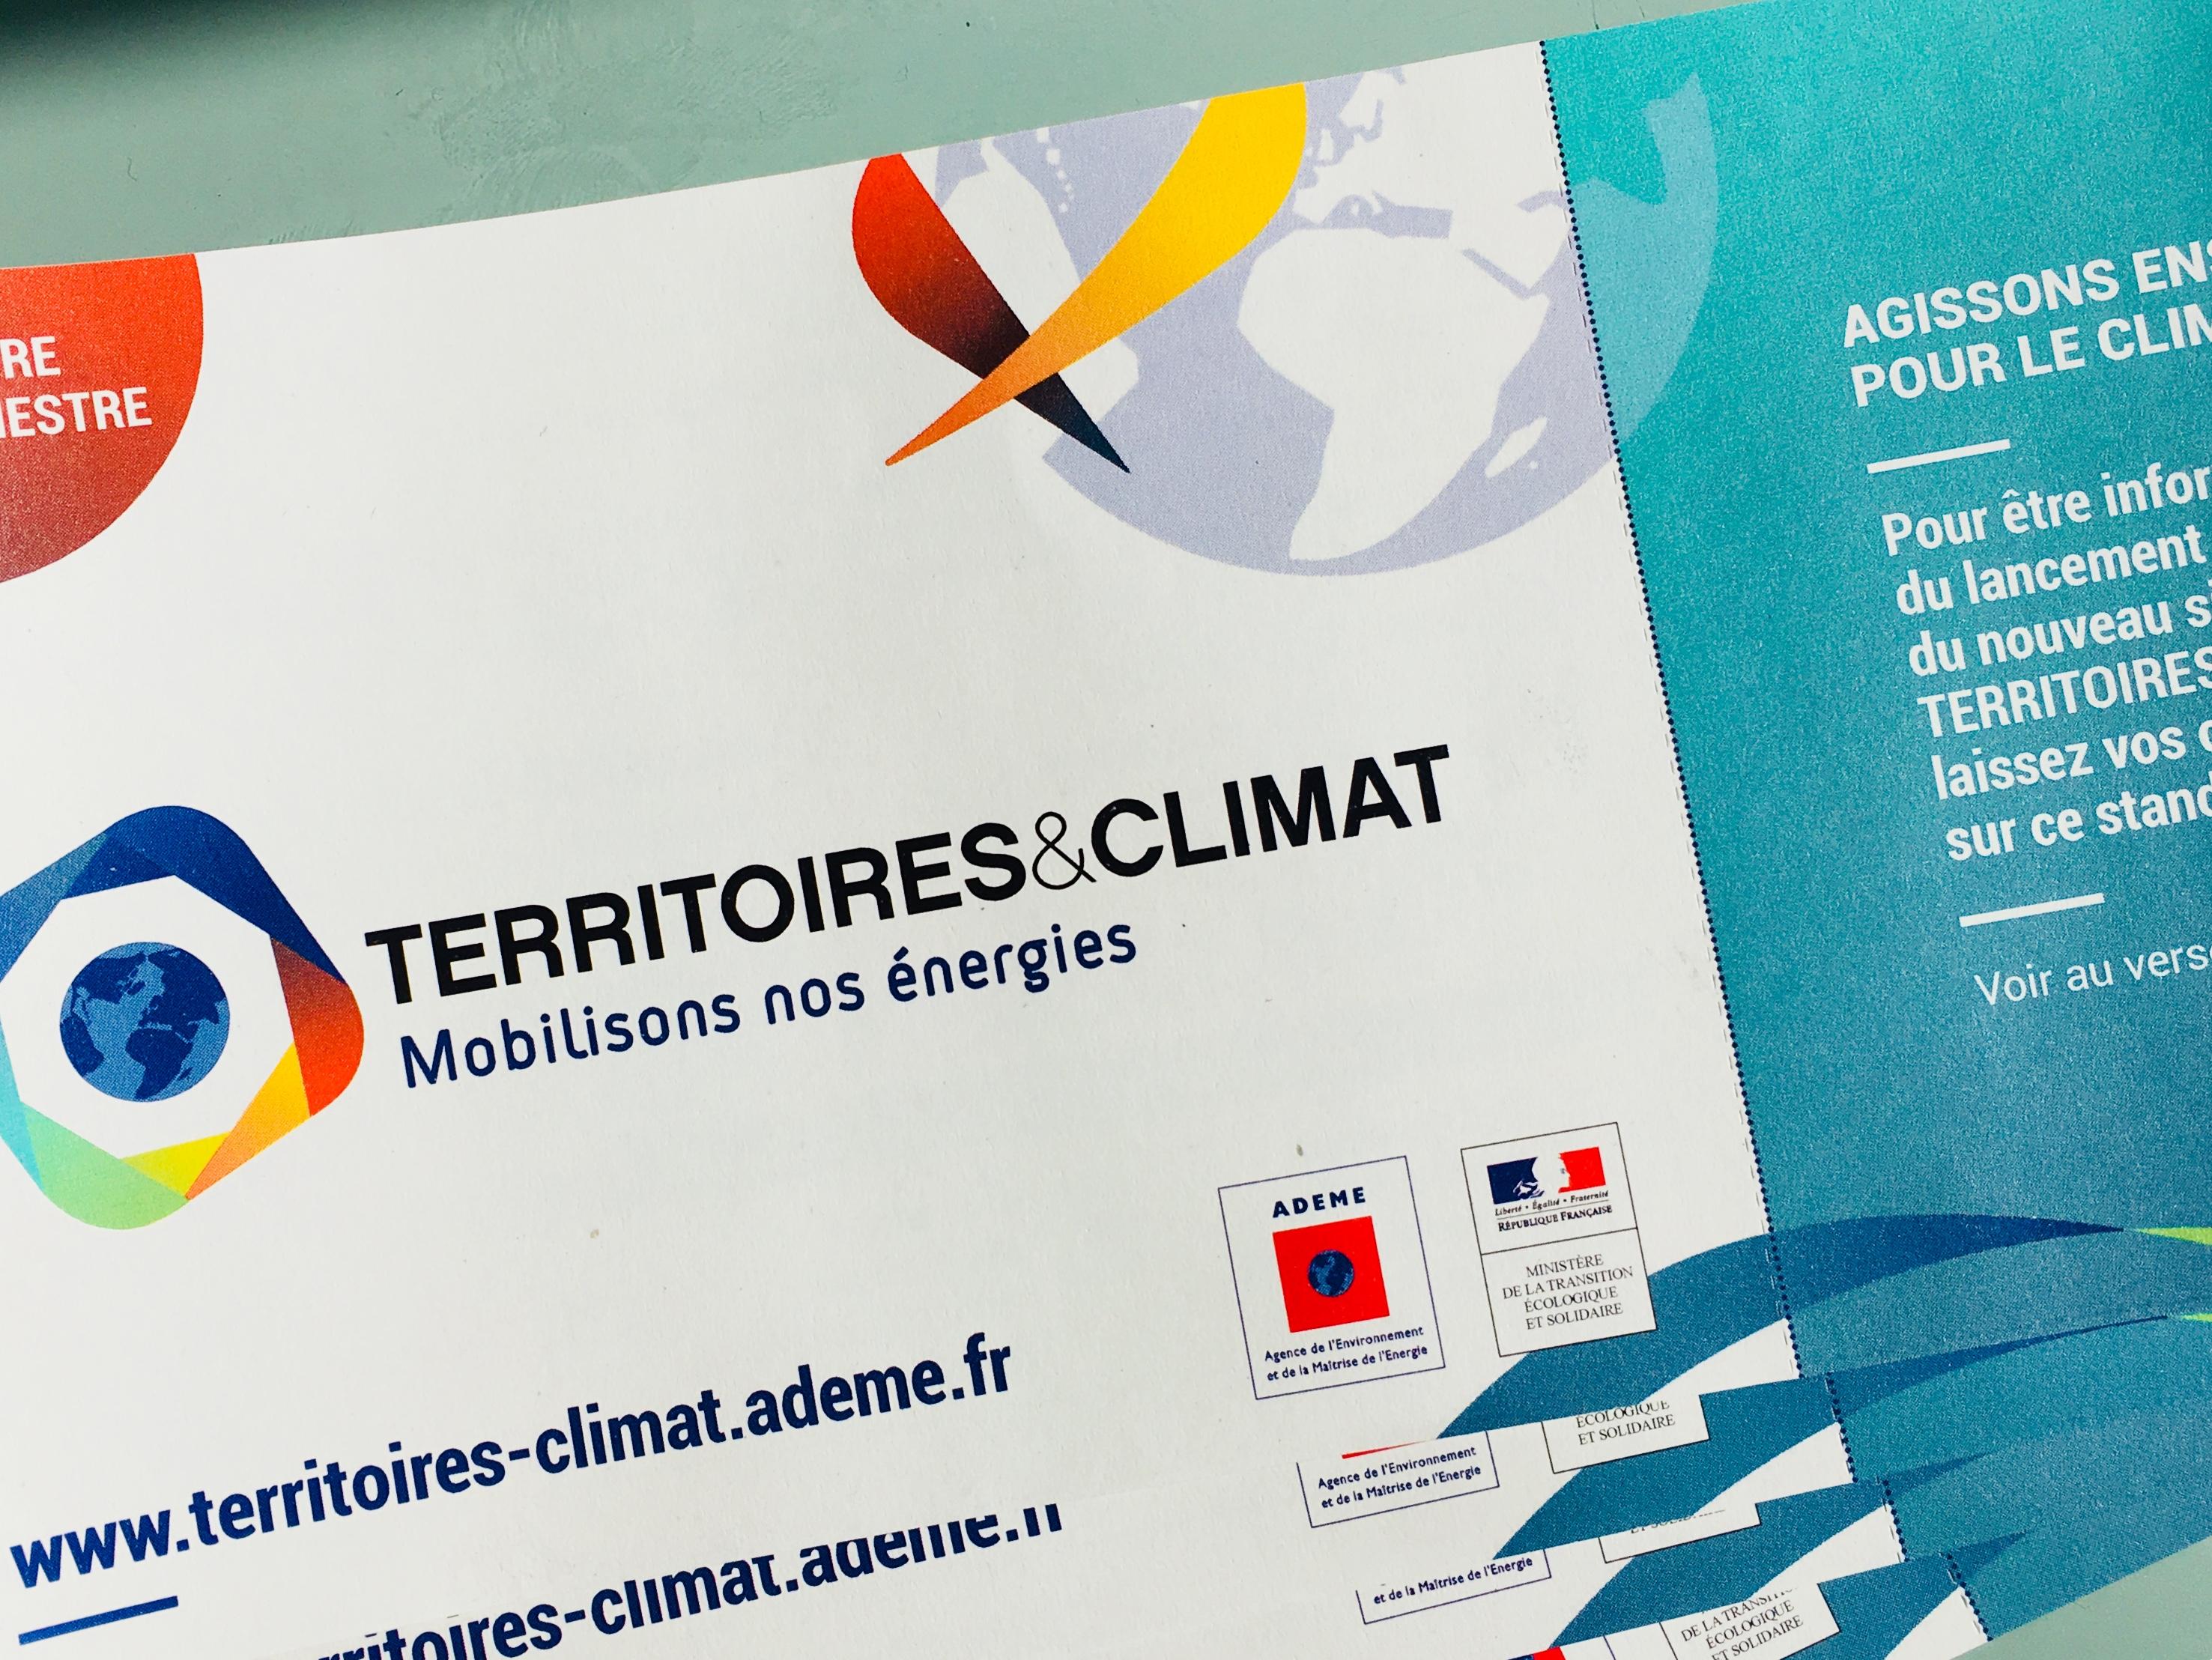 Territoires & Climat, une nouvelle identité pour le centre de ressources de l'Ademe